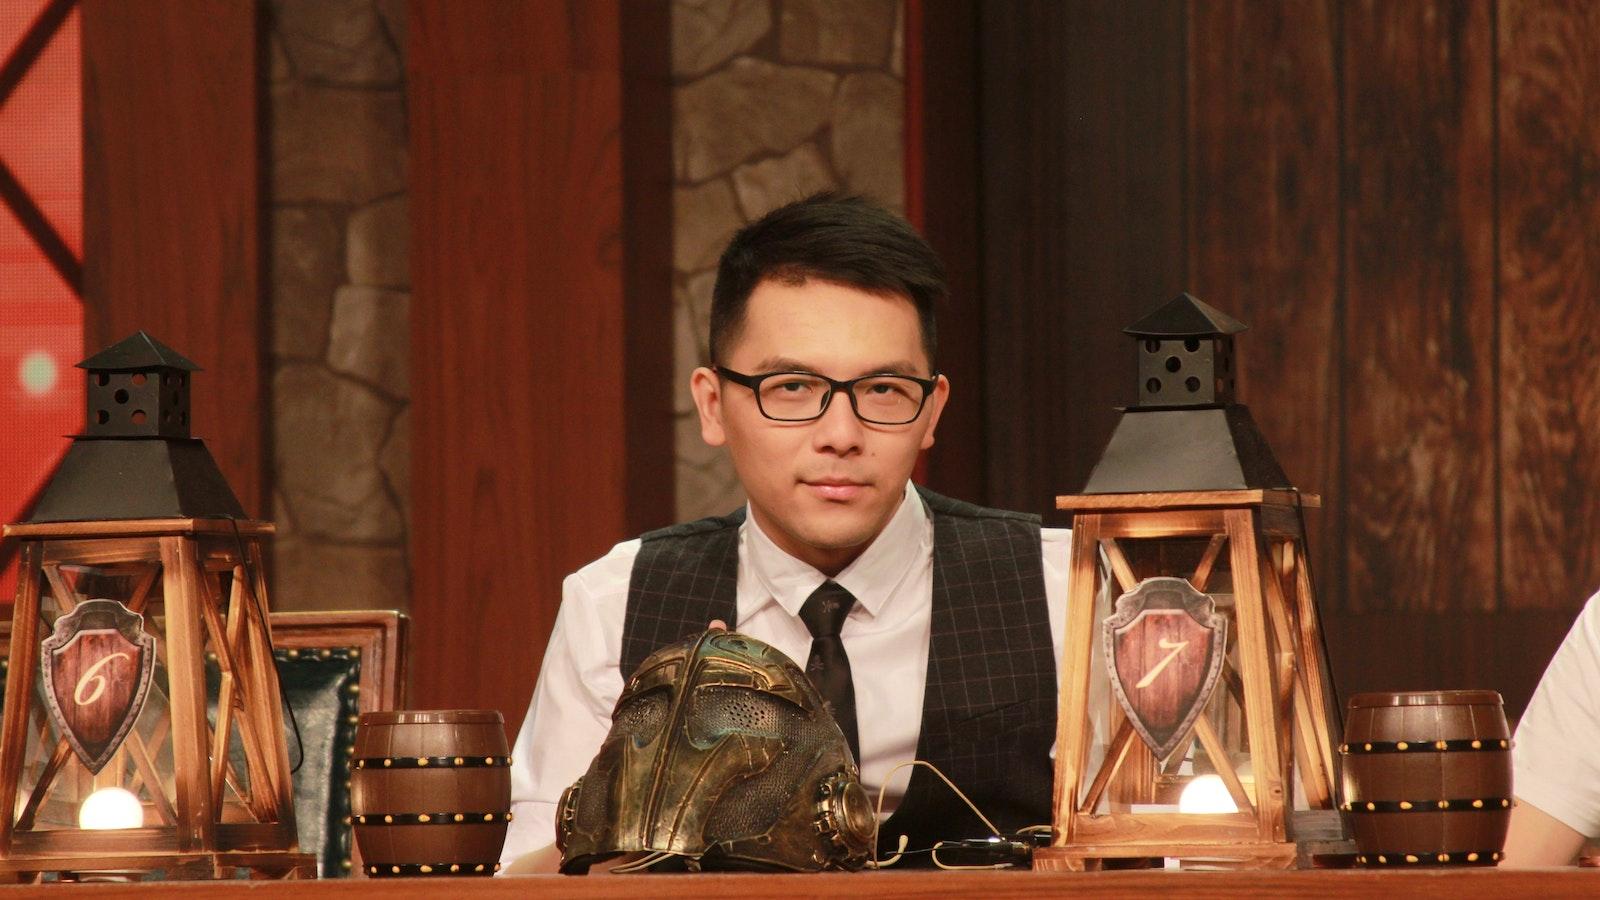 Jiang Feng, who goes by the online handle Zhijian, on Zhanqi TV's Werewolf Program Lying Man. Photo by Zhanqi TV.